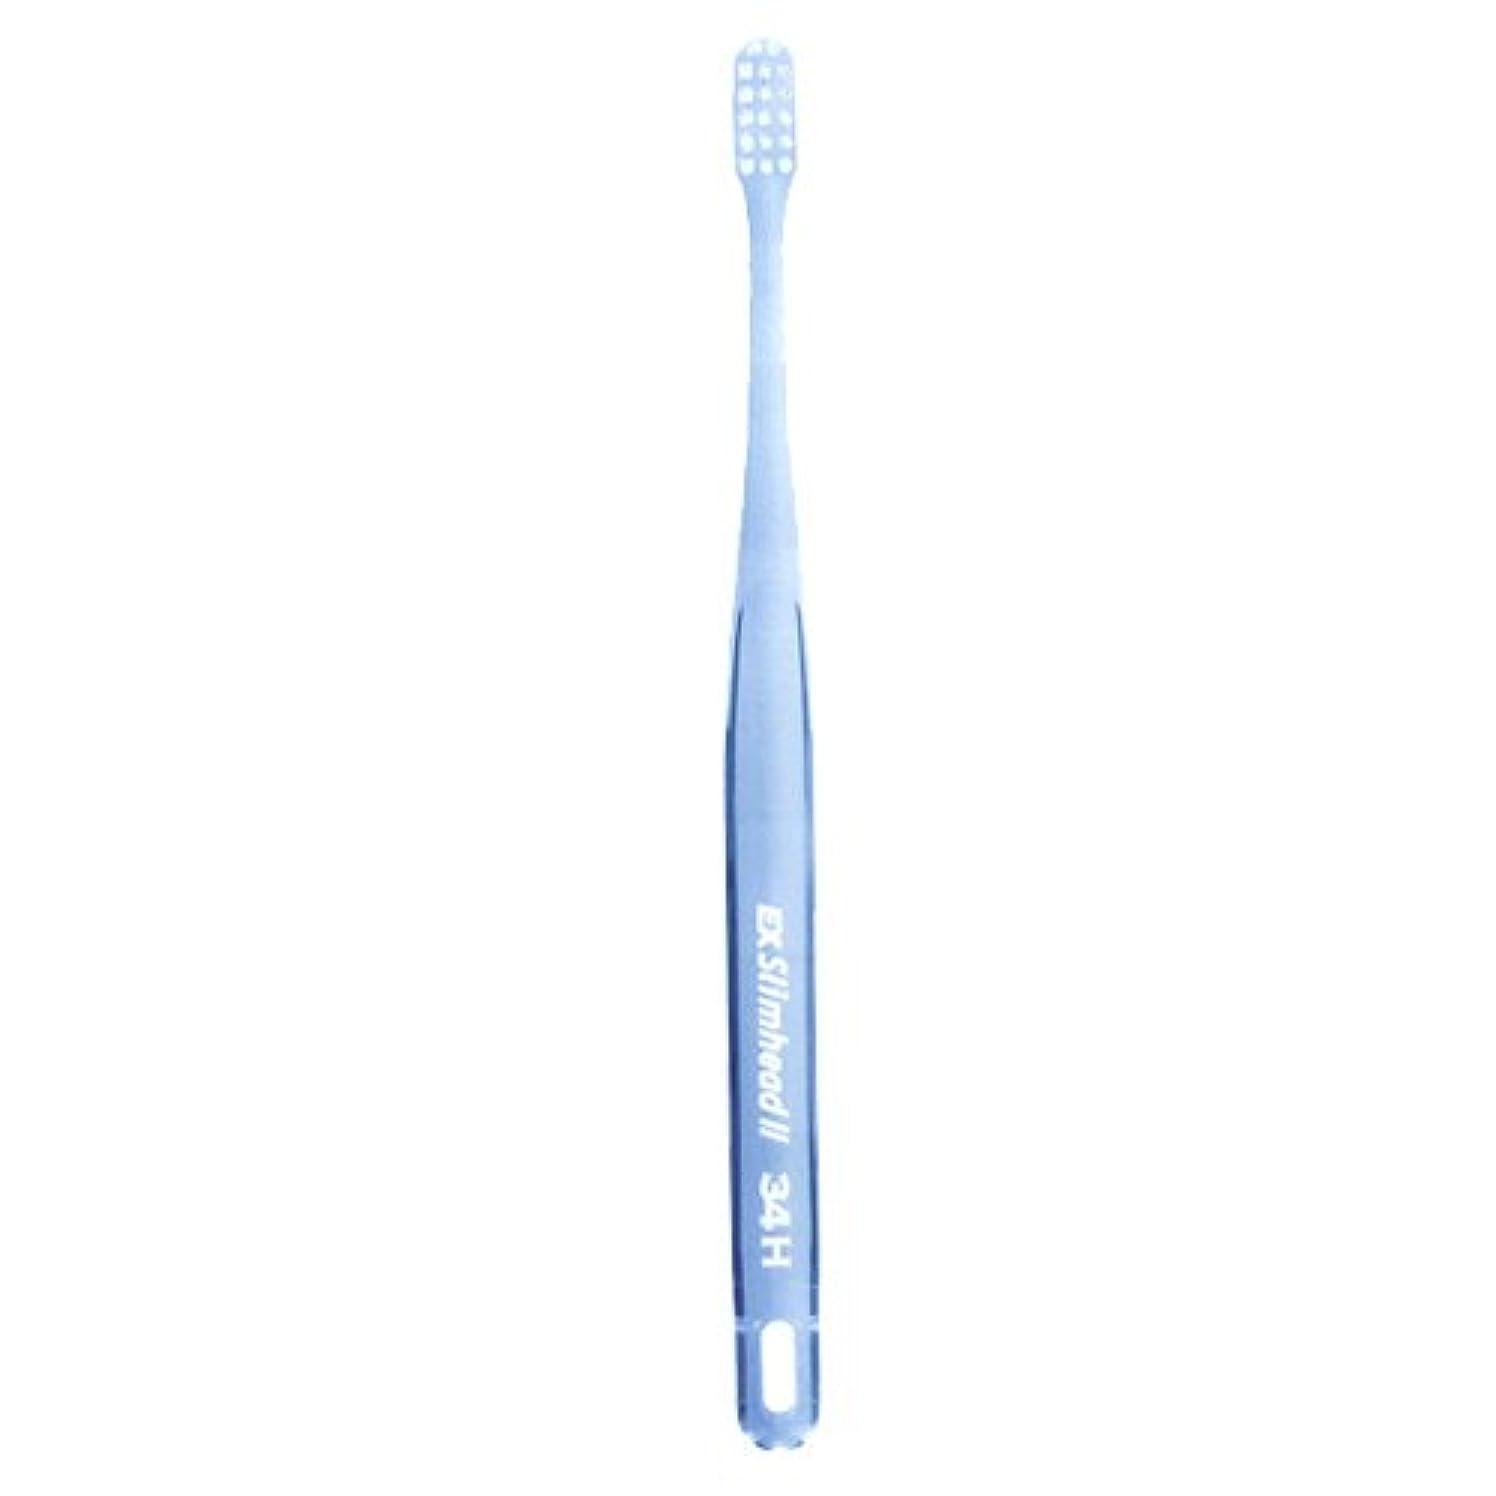 コート言語学海外ライオン スリムヘッド2 歯ブラシ DENT . EX Slimhead2 1本 34M クリアブルー